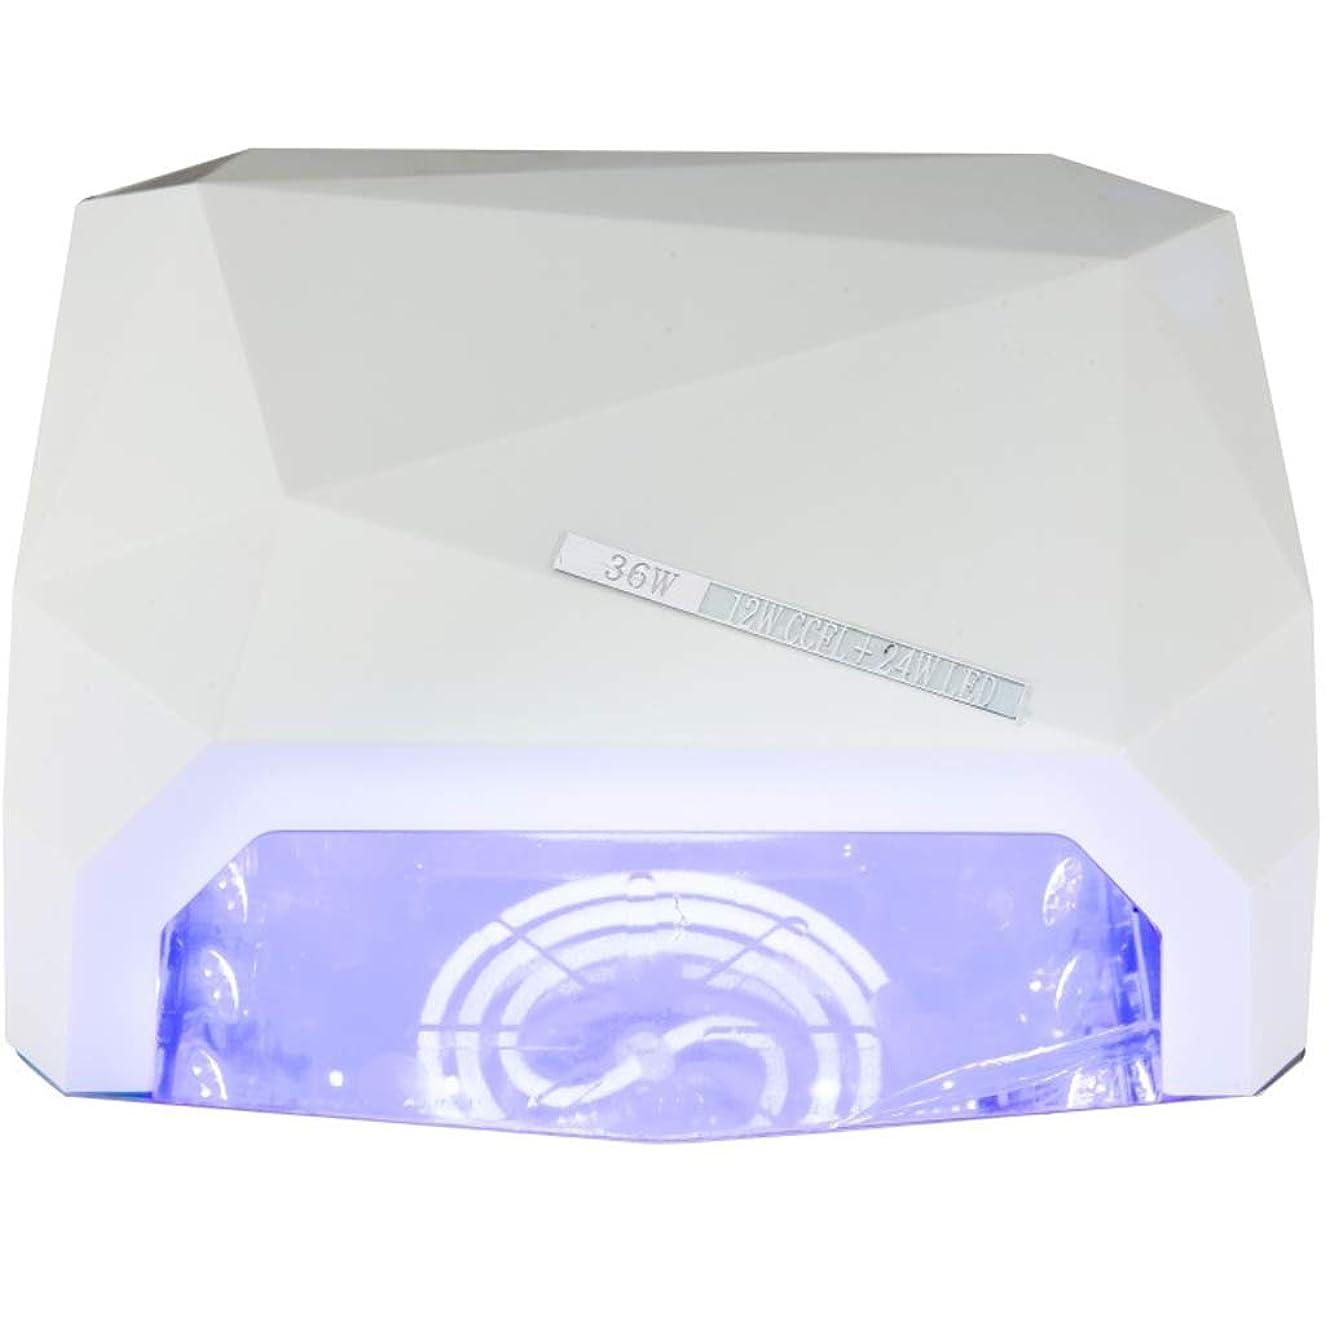 混合したキウイ要求ネイル光線治療装置インテリジェントタイミング乾燥高速36Wポータブル耐久性のある爪ツールの贈り物 (色 : 白)